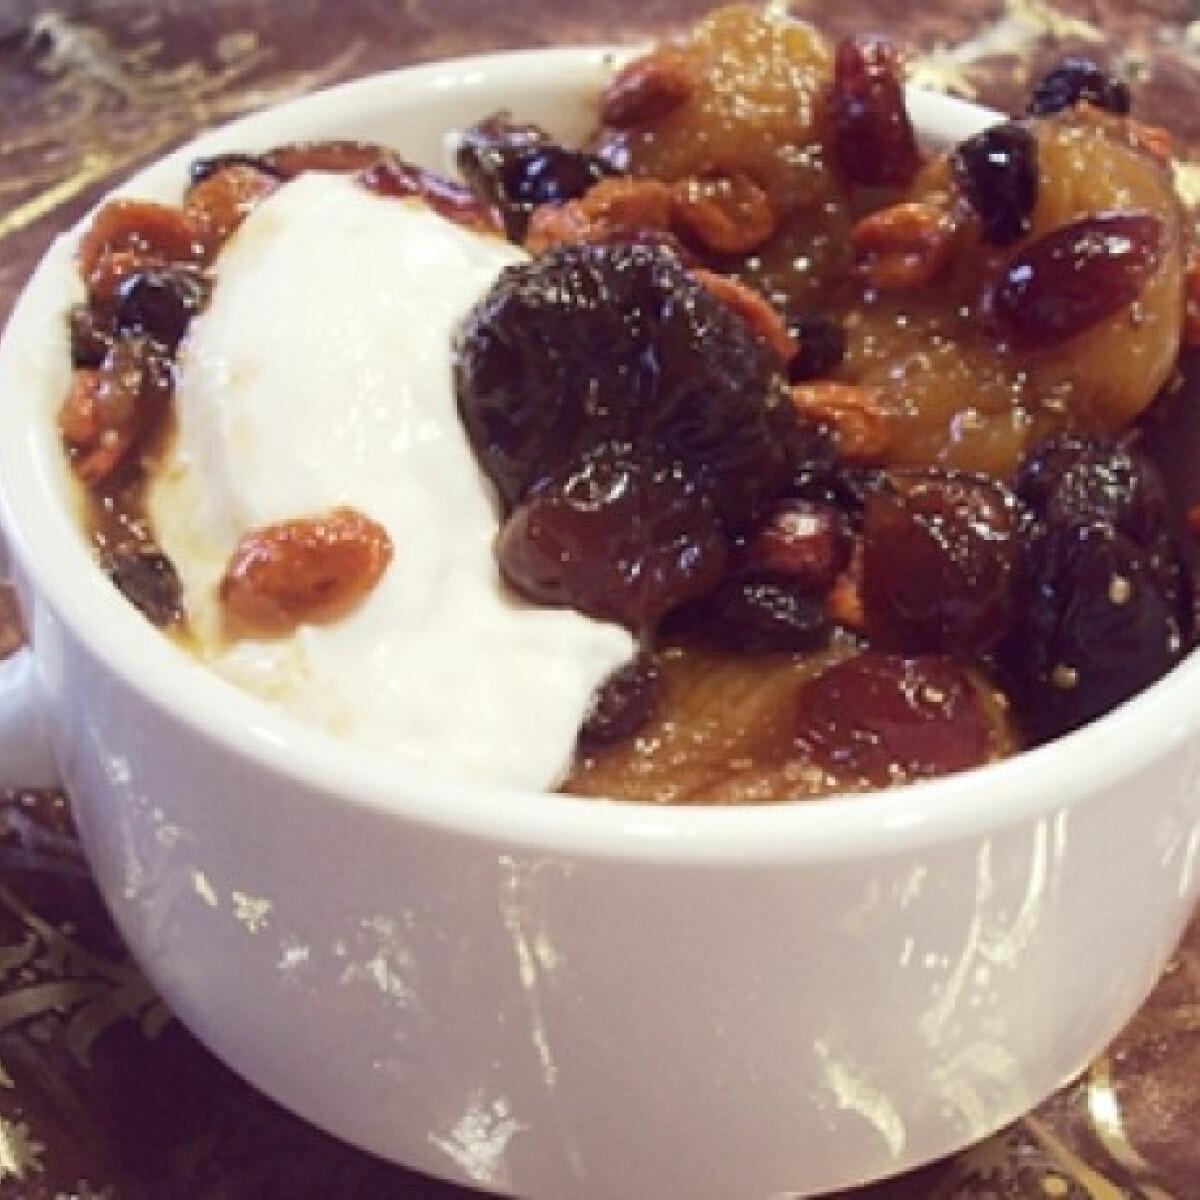 Ezen a képen: Téli gyümölcssaláta görög joghurttal